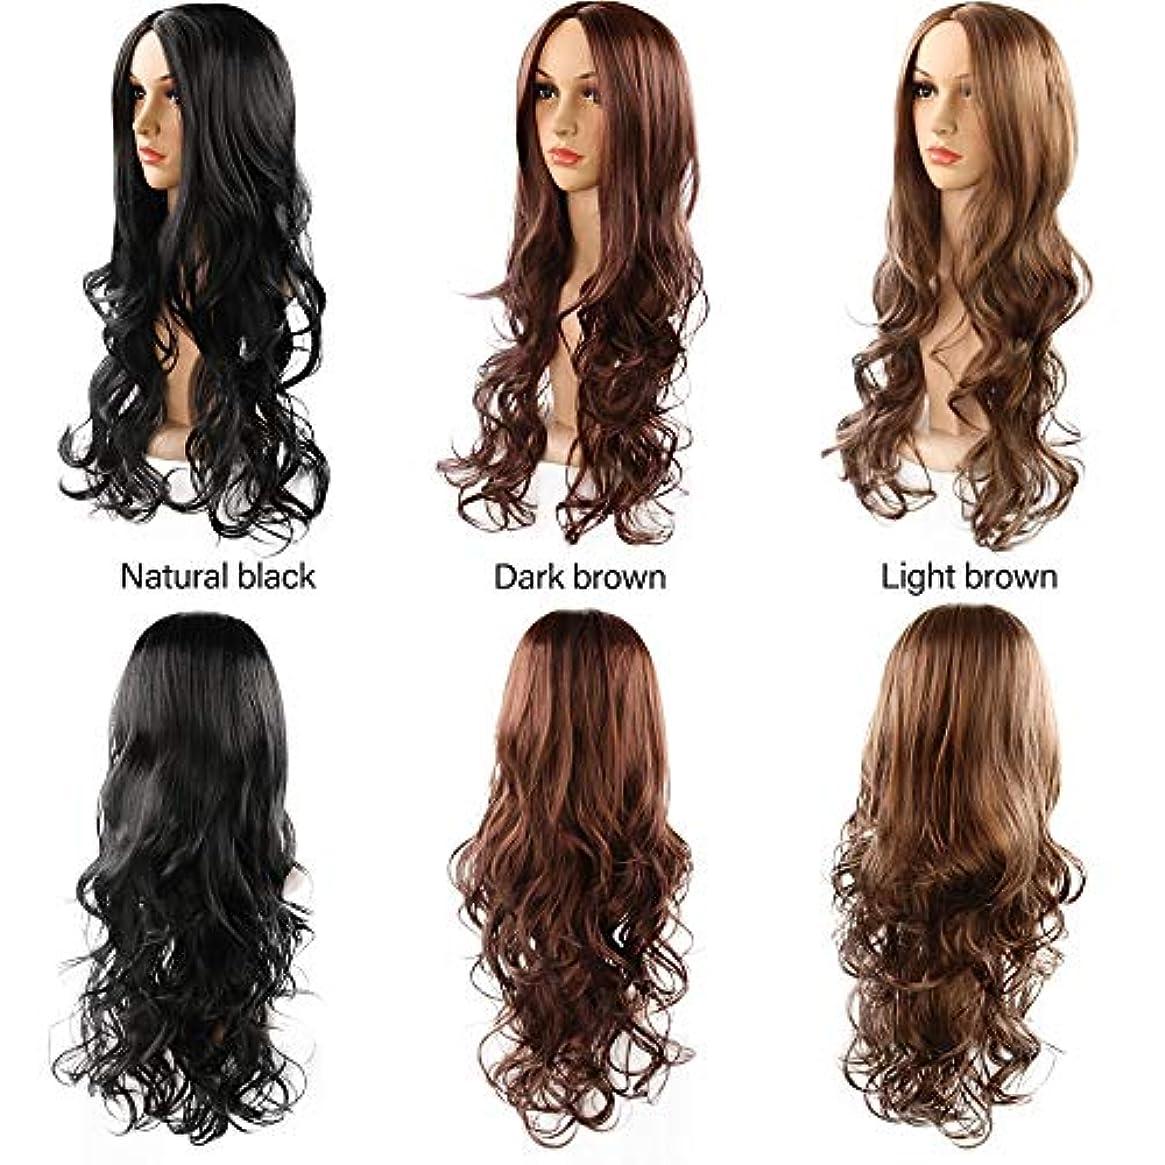 正規化クラッシュ勢い女性の長い巻き毛の波状髪かつらフリンジ26インチ魅力的な人工毛交換かつらハロウィンコスプレ衣装アニメパーティーかつら(ウィッグキャップ) (Color : Light brown)